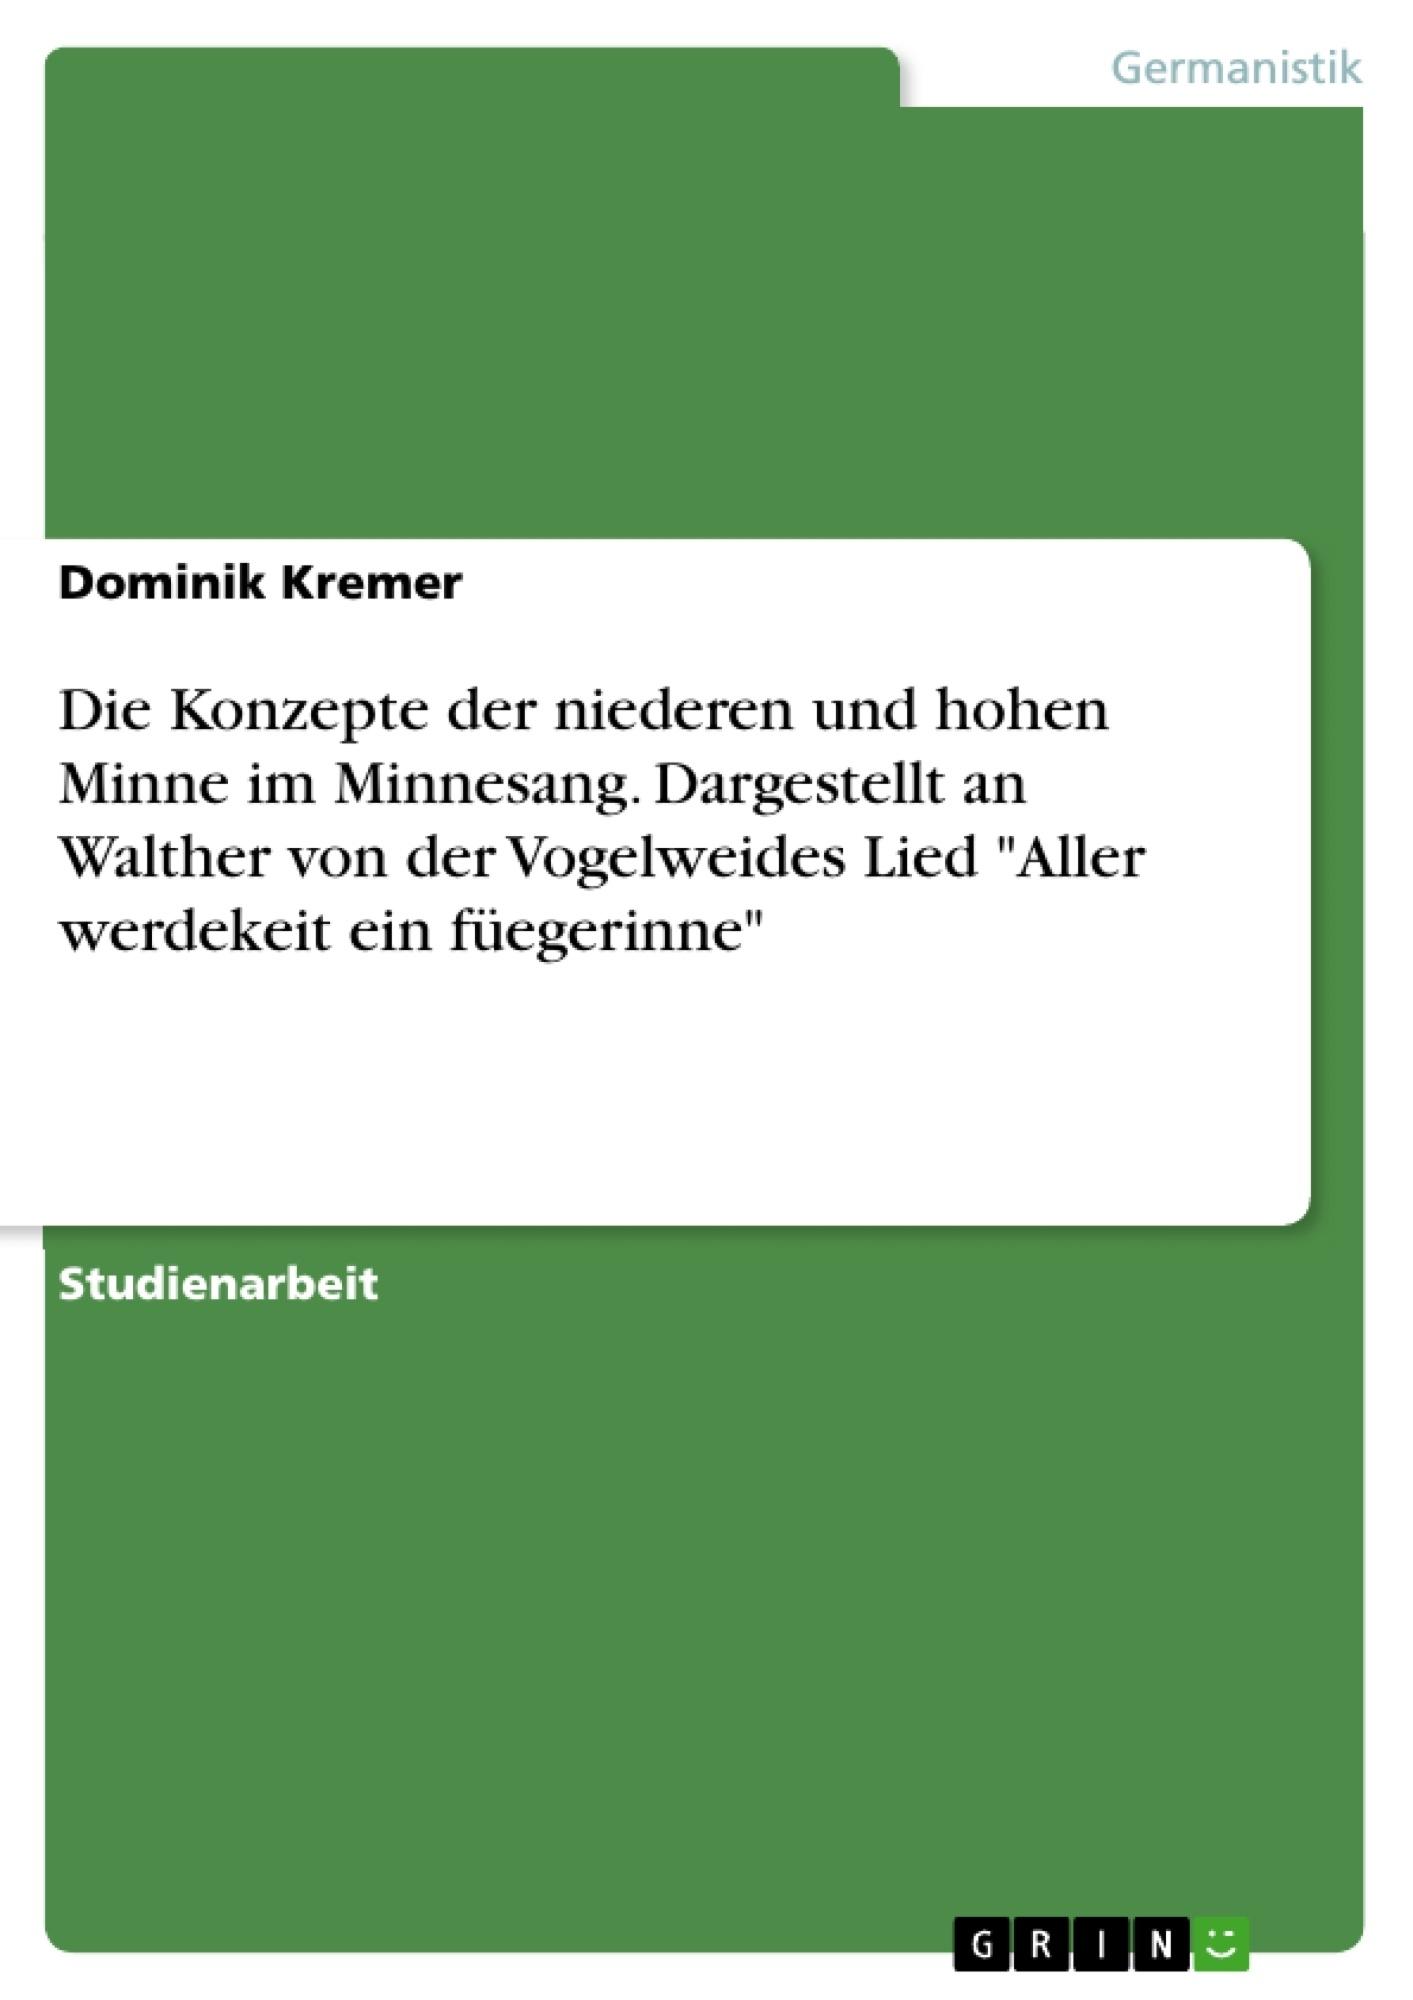 """Titel: Die Konzepte der niederen und hohen Minne im Minnesang. Dargestellt an Walther von der Vogelweides Lied """"Aller werdekeit ein füegerinne"""""""